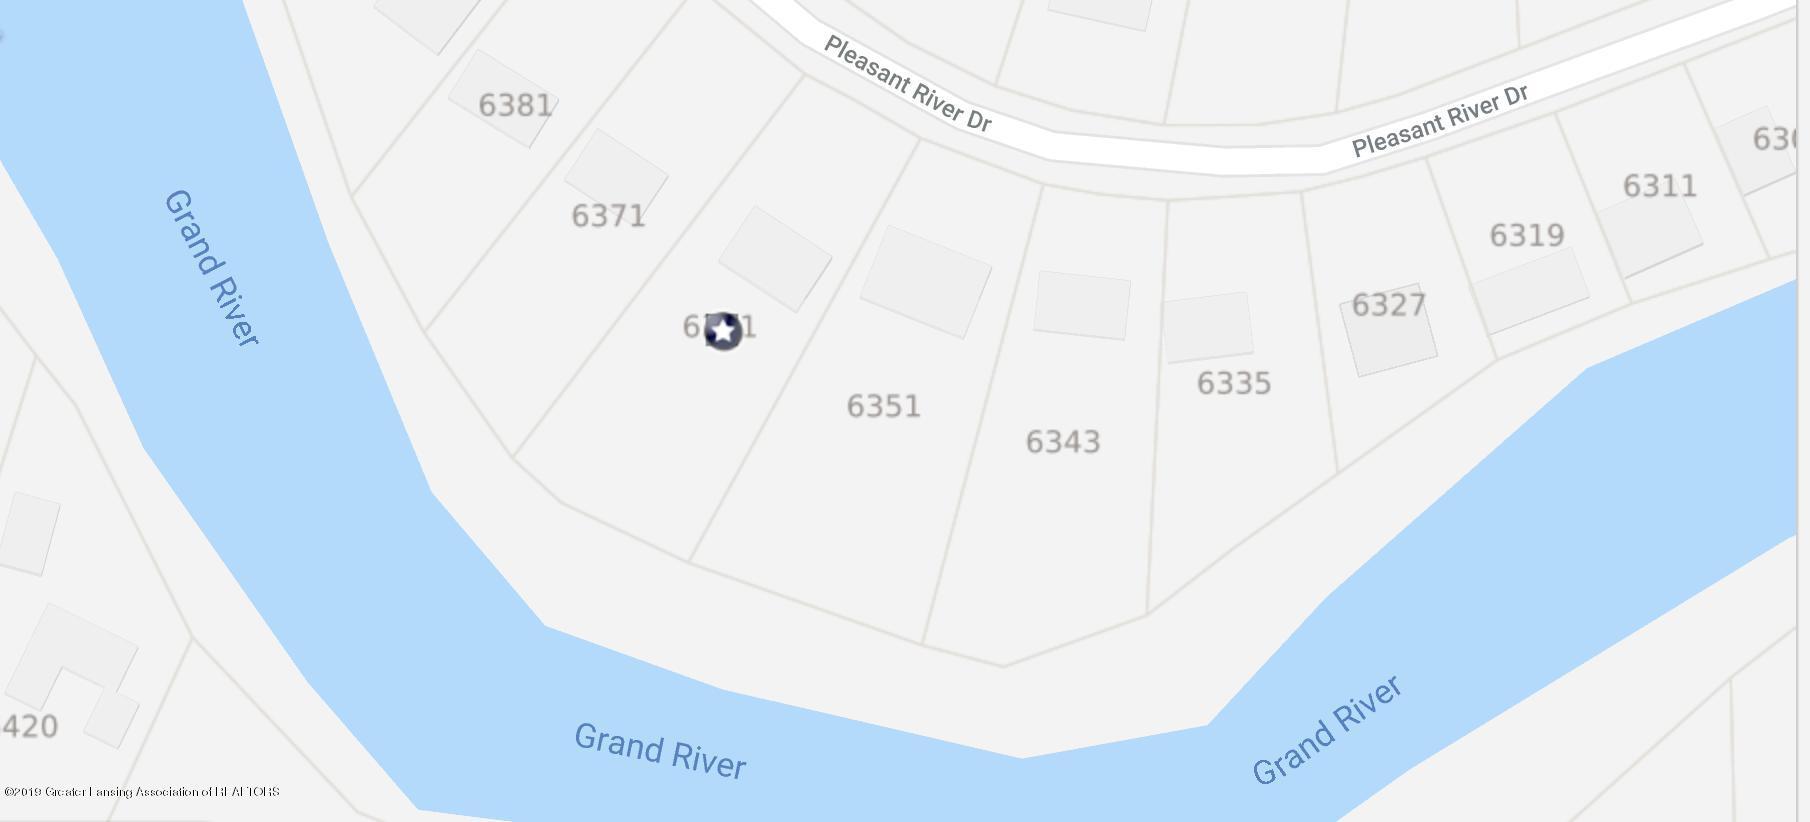 6361 Pleasant River Dr - 38_Property Outln_PLEASANT RVR 6361 - 38